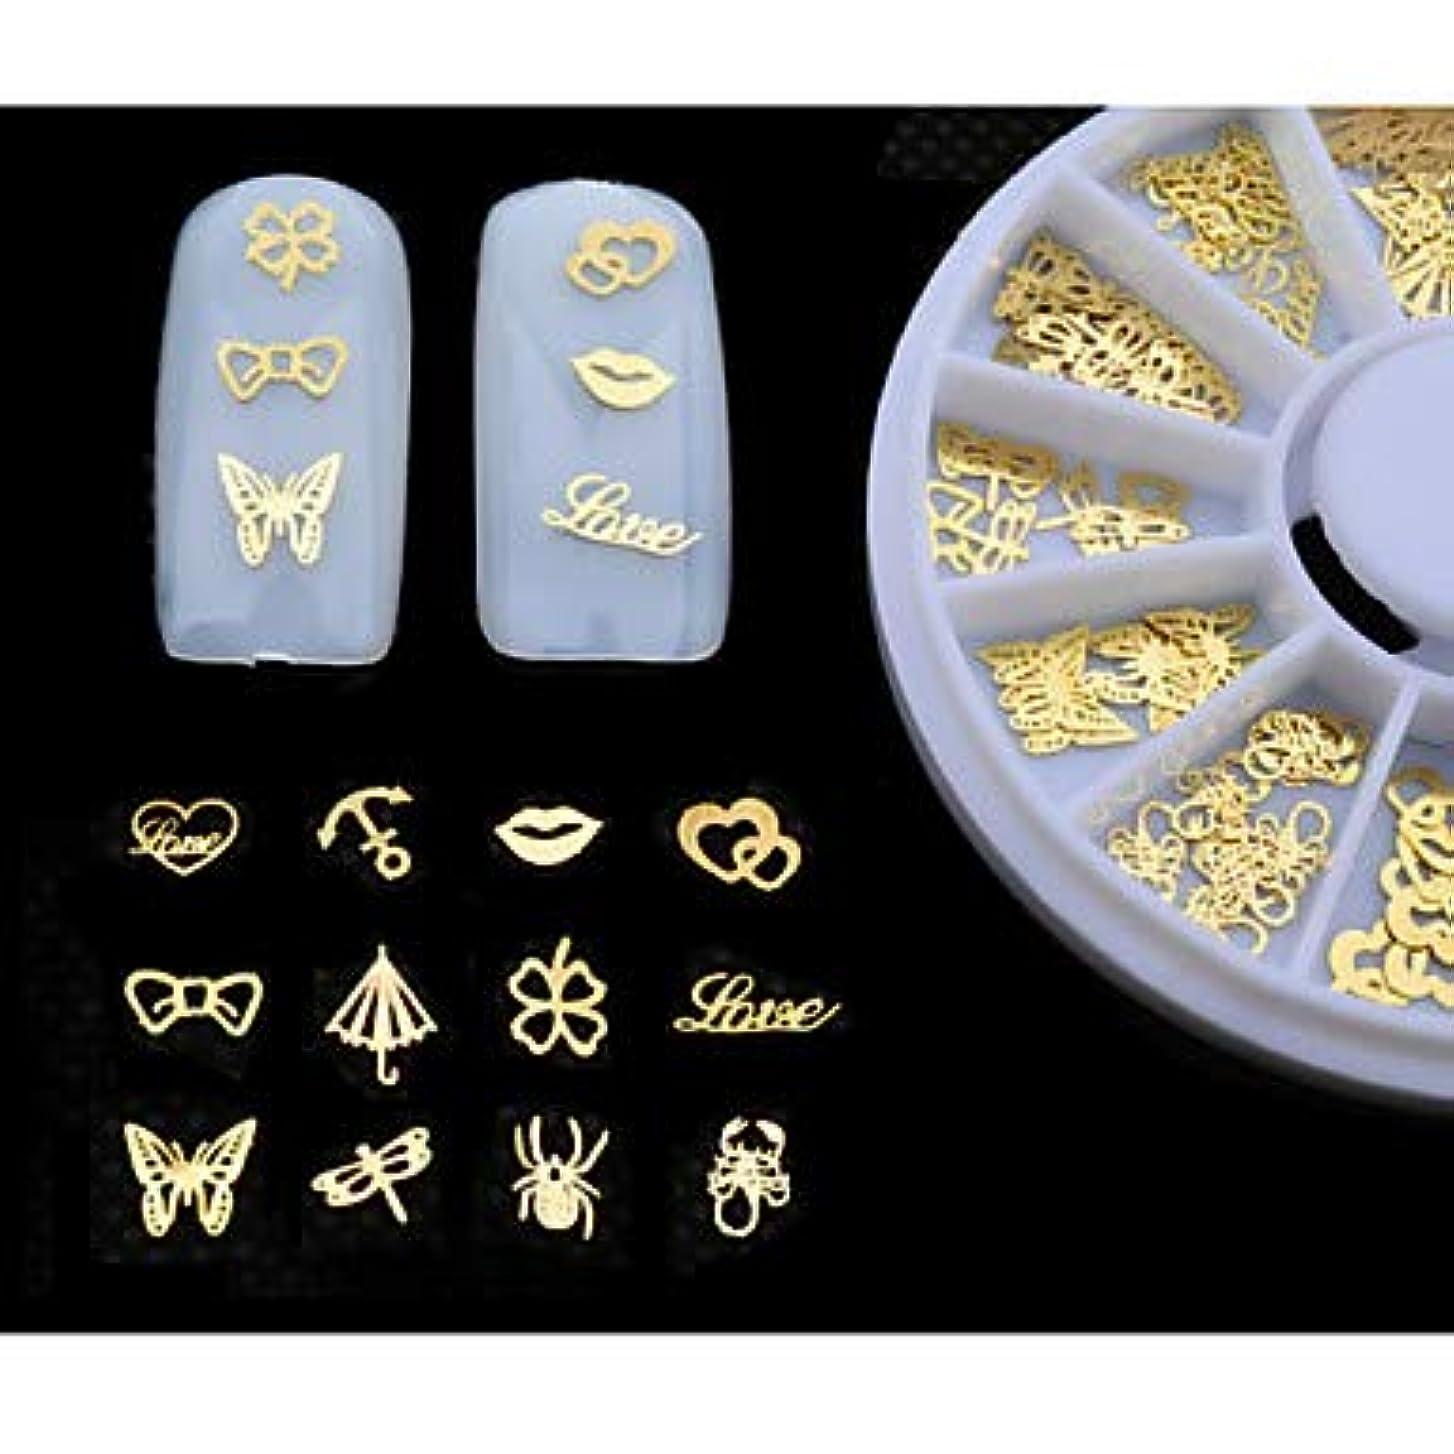 差別根拠地域の3dゴールドメタルネイルアートステッカーデコレーションホイール蝶唇デザイン小さなスライスdiyネイルアクセサリー